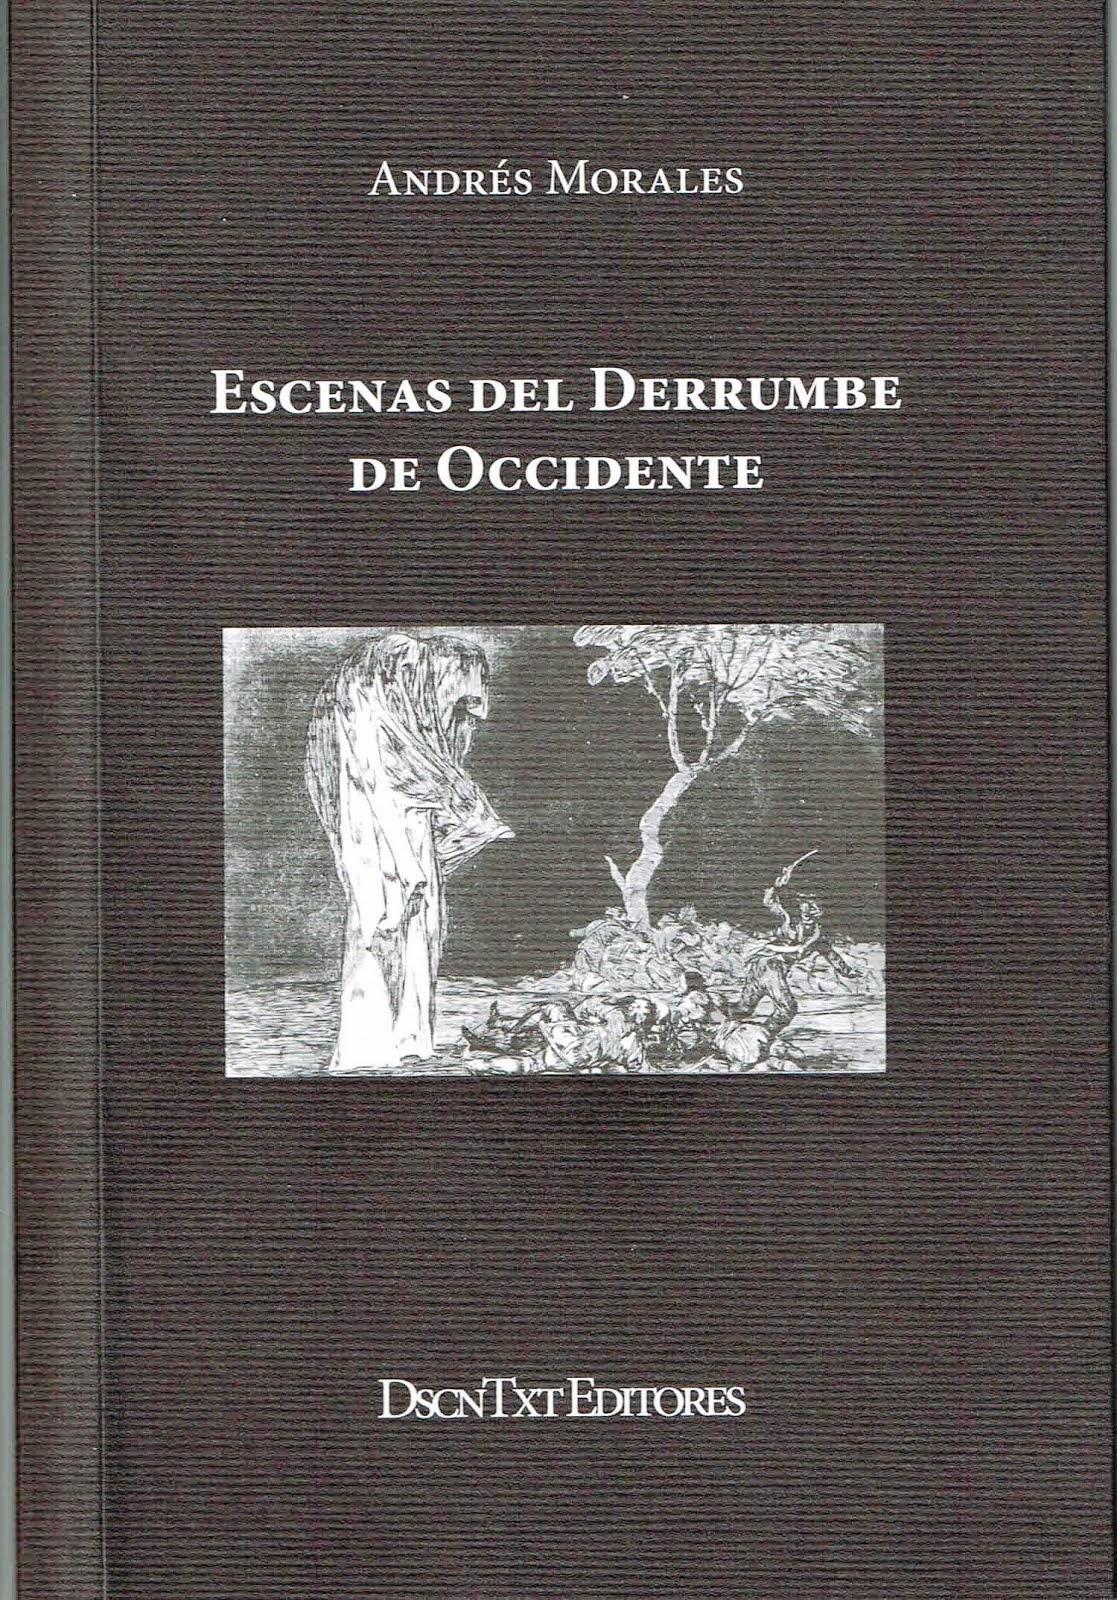 ESCENAS DEL DERRUMBE DE OCCIDENTE (SEGUNDA EDICIÓN CORREGIDA Y DEFINITIVA)